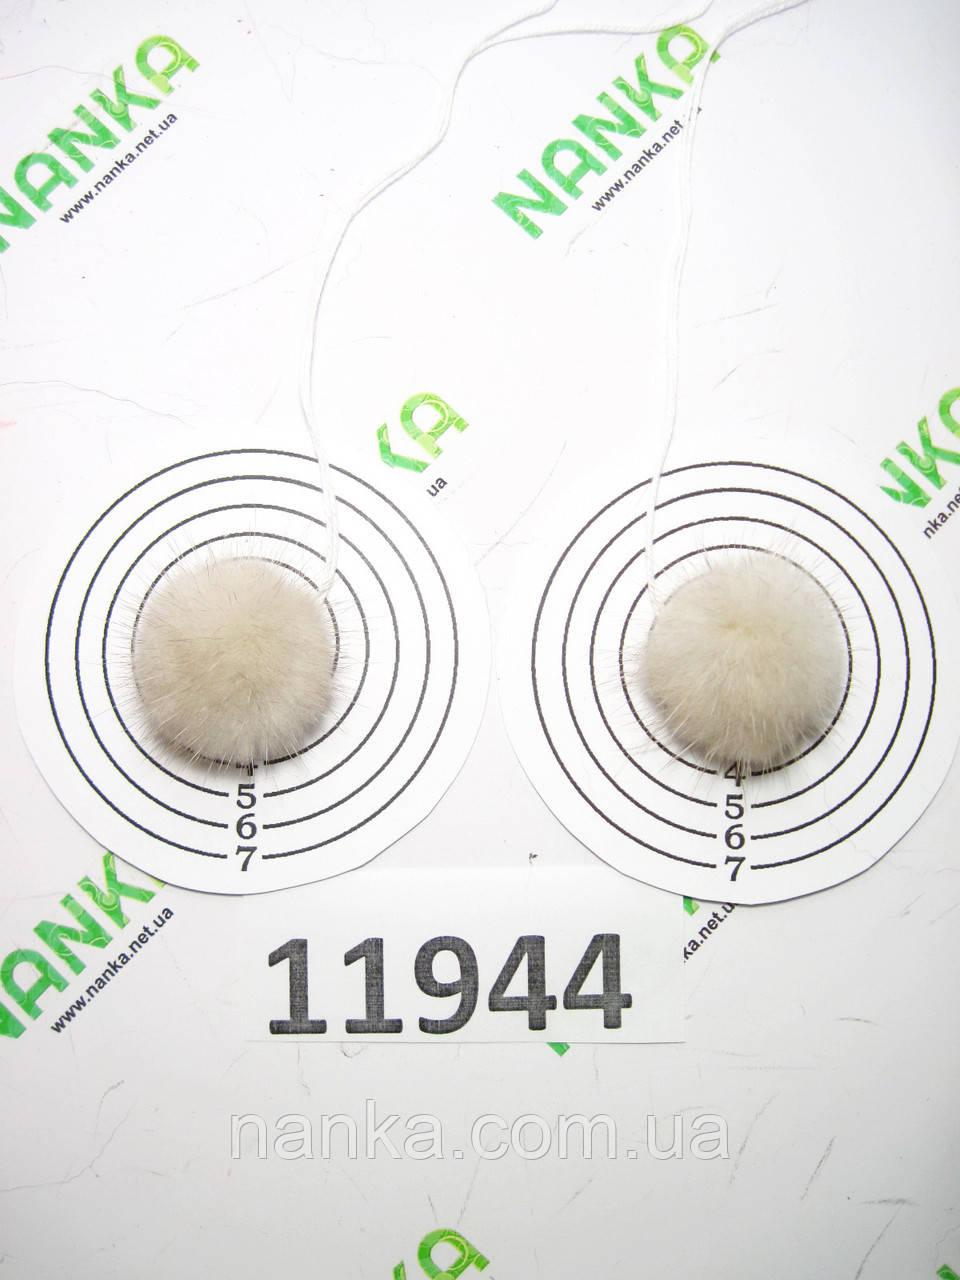 Меховой помпон Норка, Топленый, 3 см, пара 11944